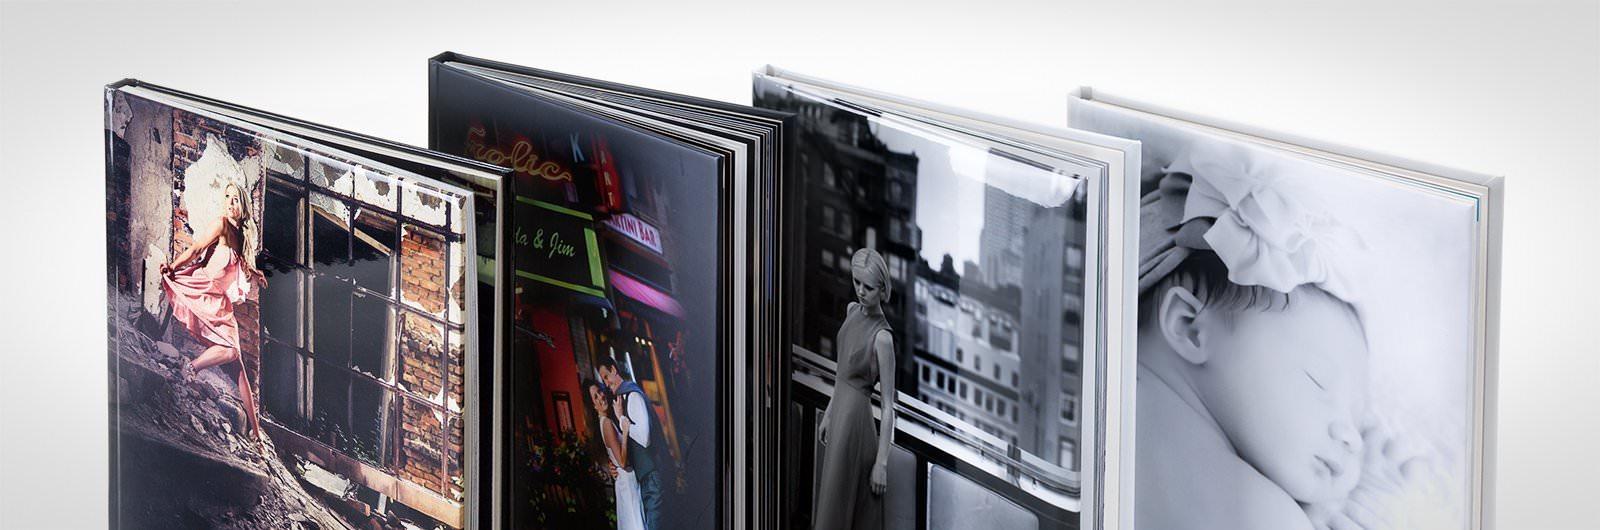 4_Event_Book_fotolibri_fotografici_professionali